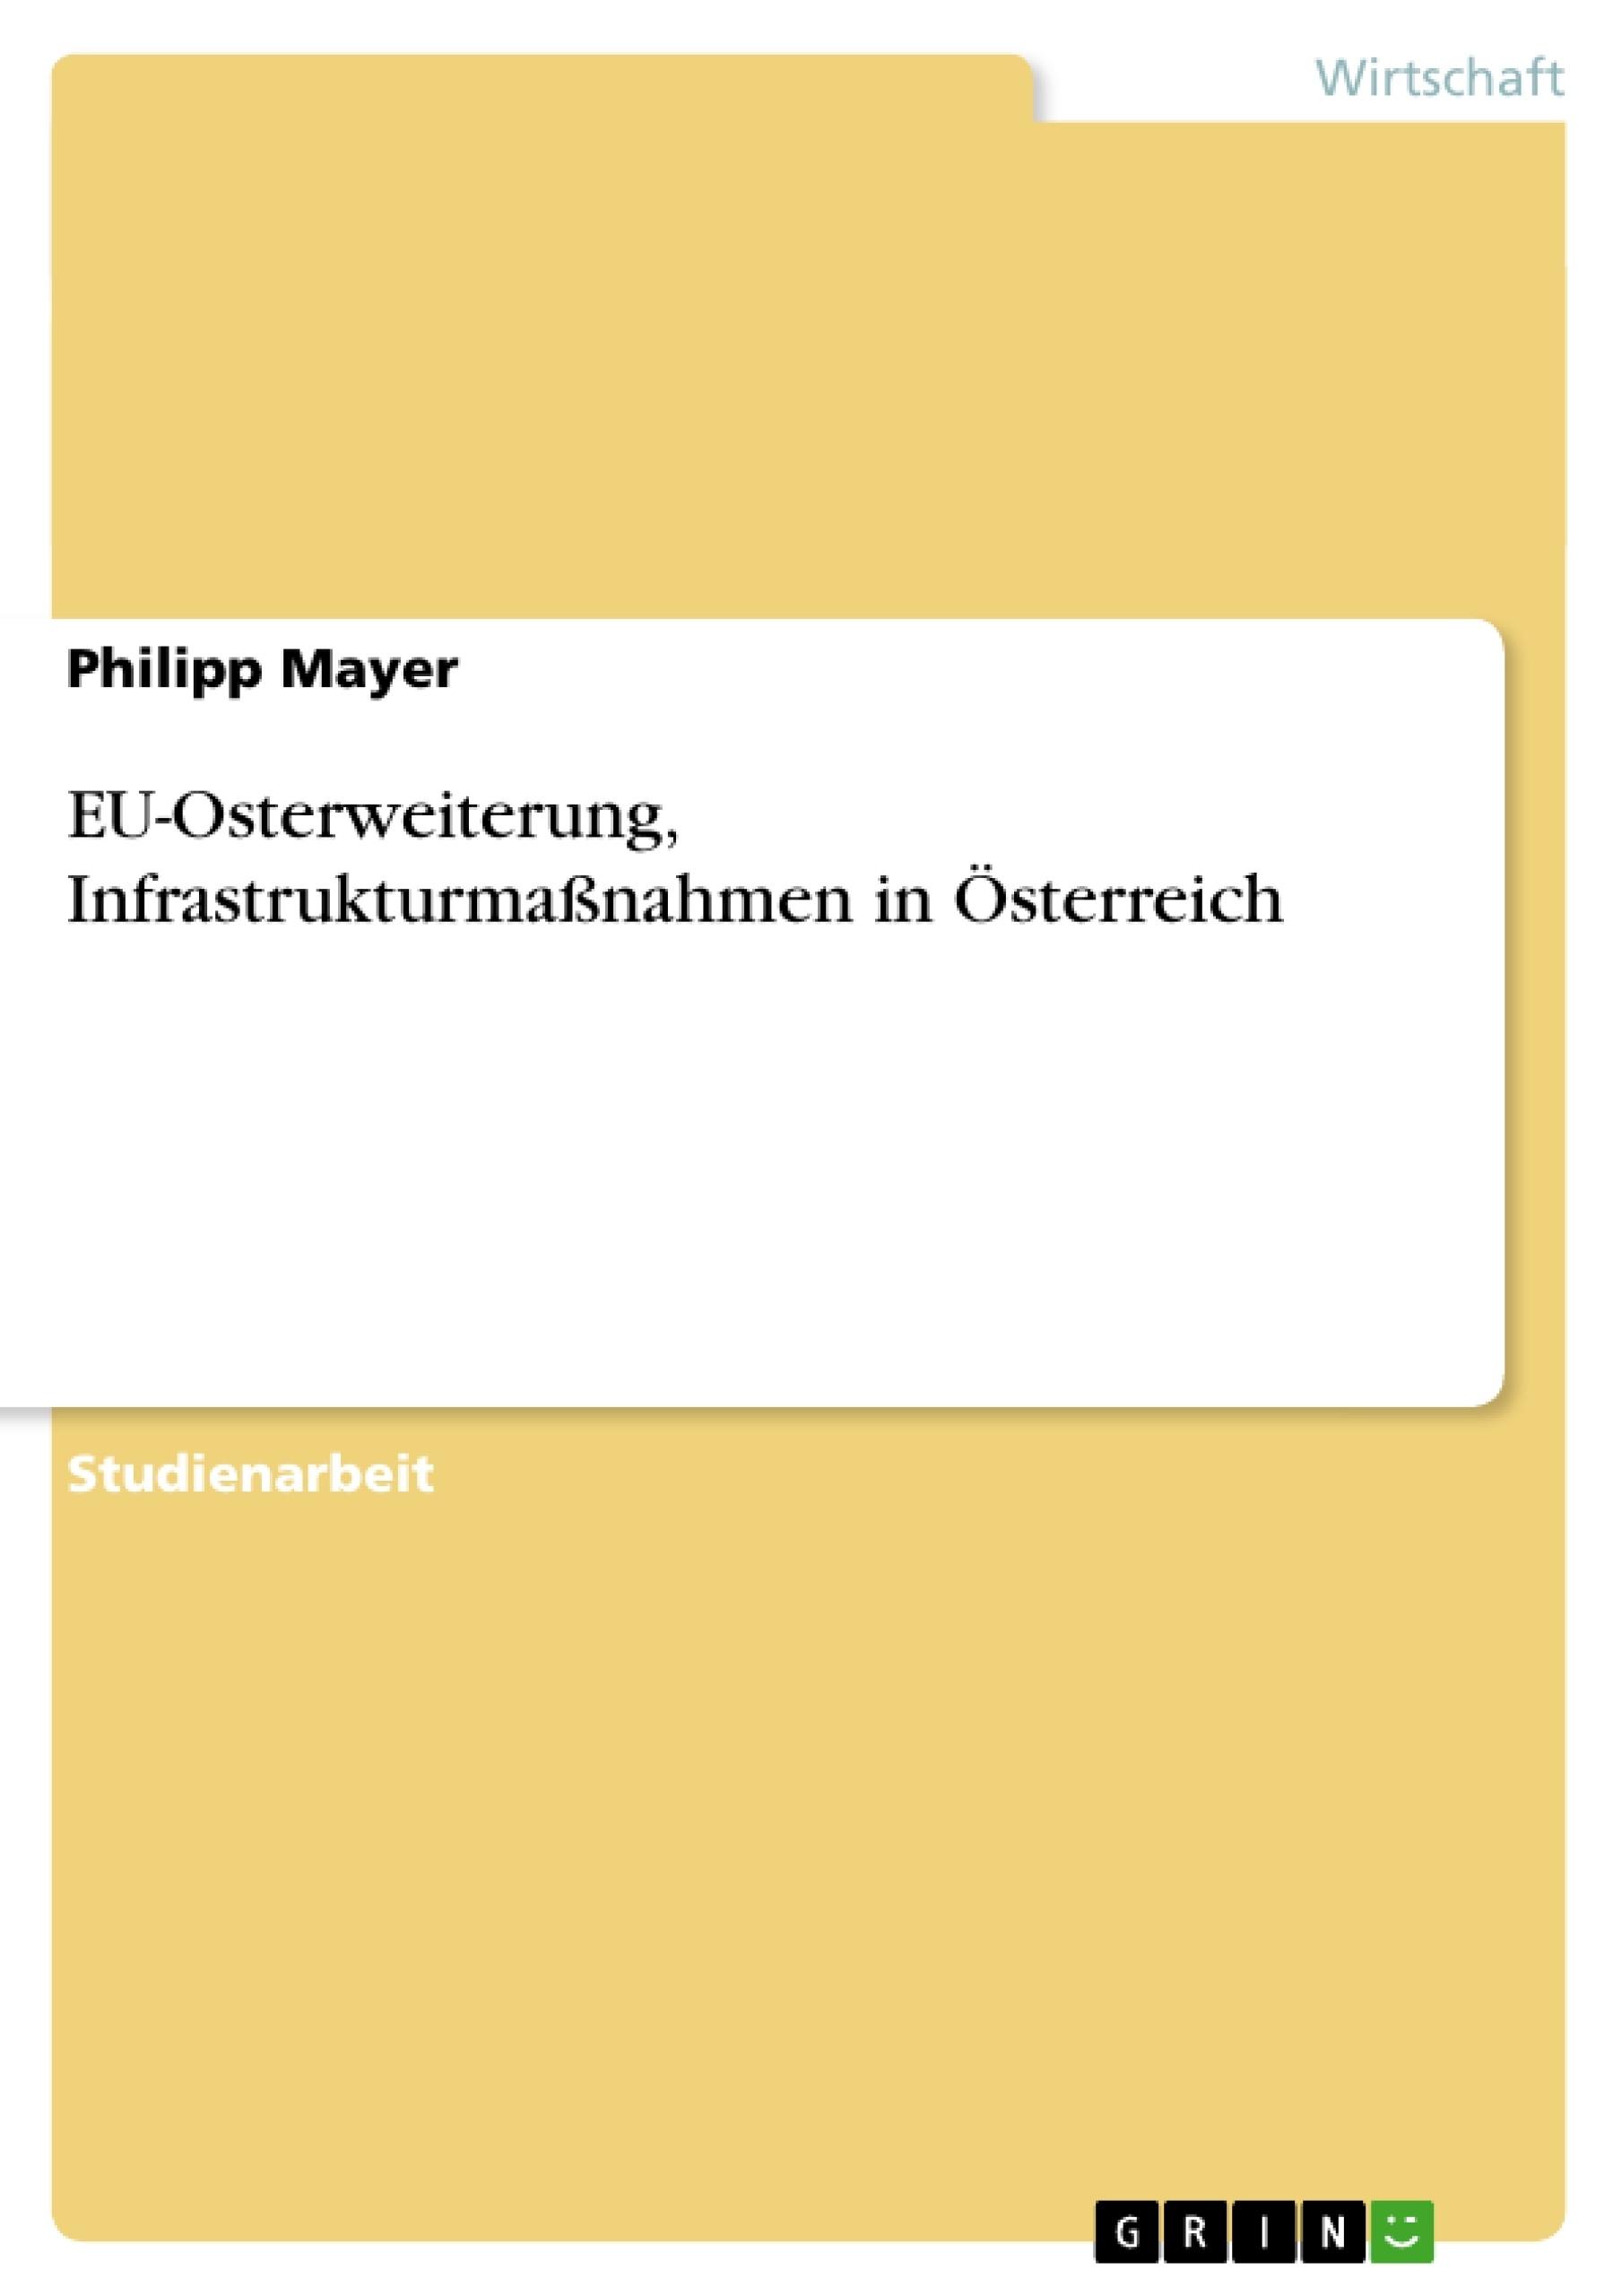 Titel: EU-Osterweiterung, Infrastrukturmaßnahmen in Österreich